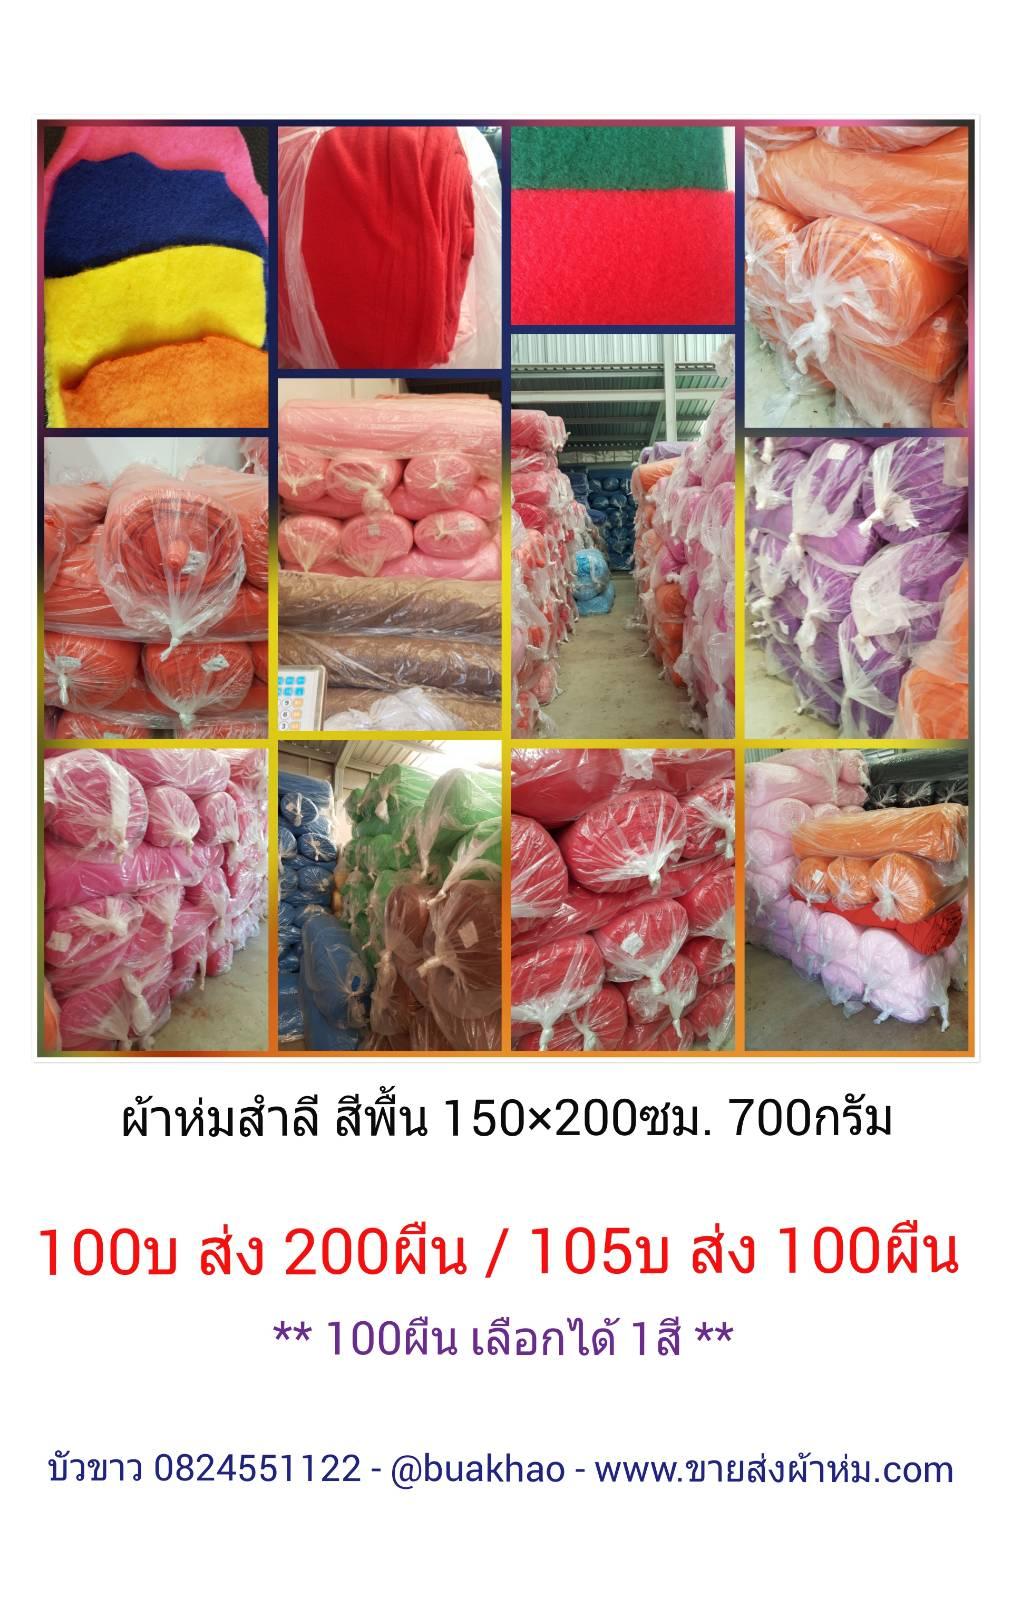 ผ้าห่มสำลี สีพื้น 150*200ซม. 700กรัม ผืนละ 105บ ส่ง 100ผืน